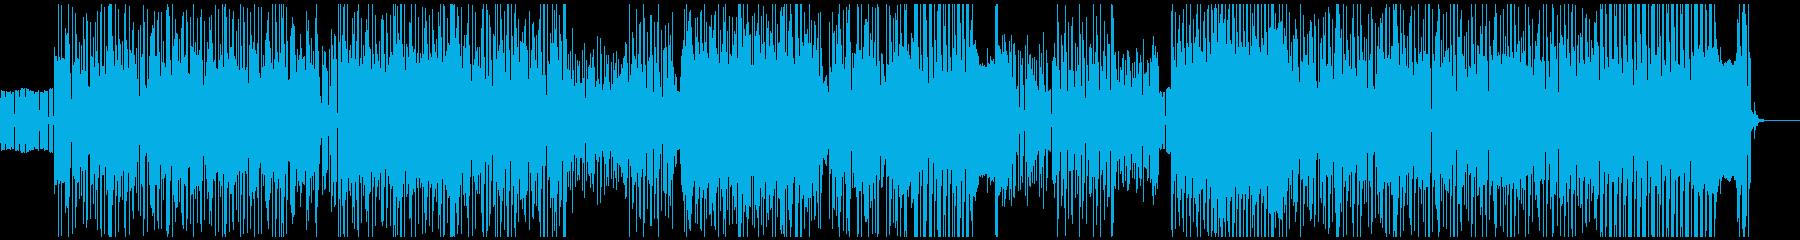 軽薄でテンション高めなラテン系ロックの再生済みの波形